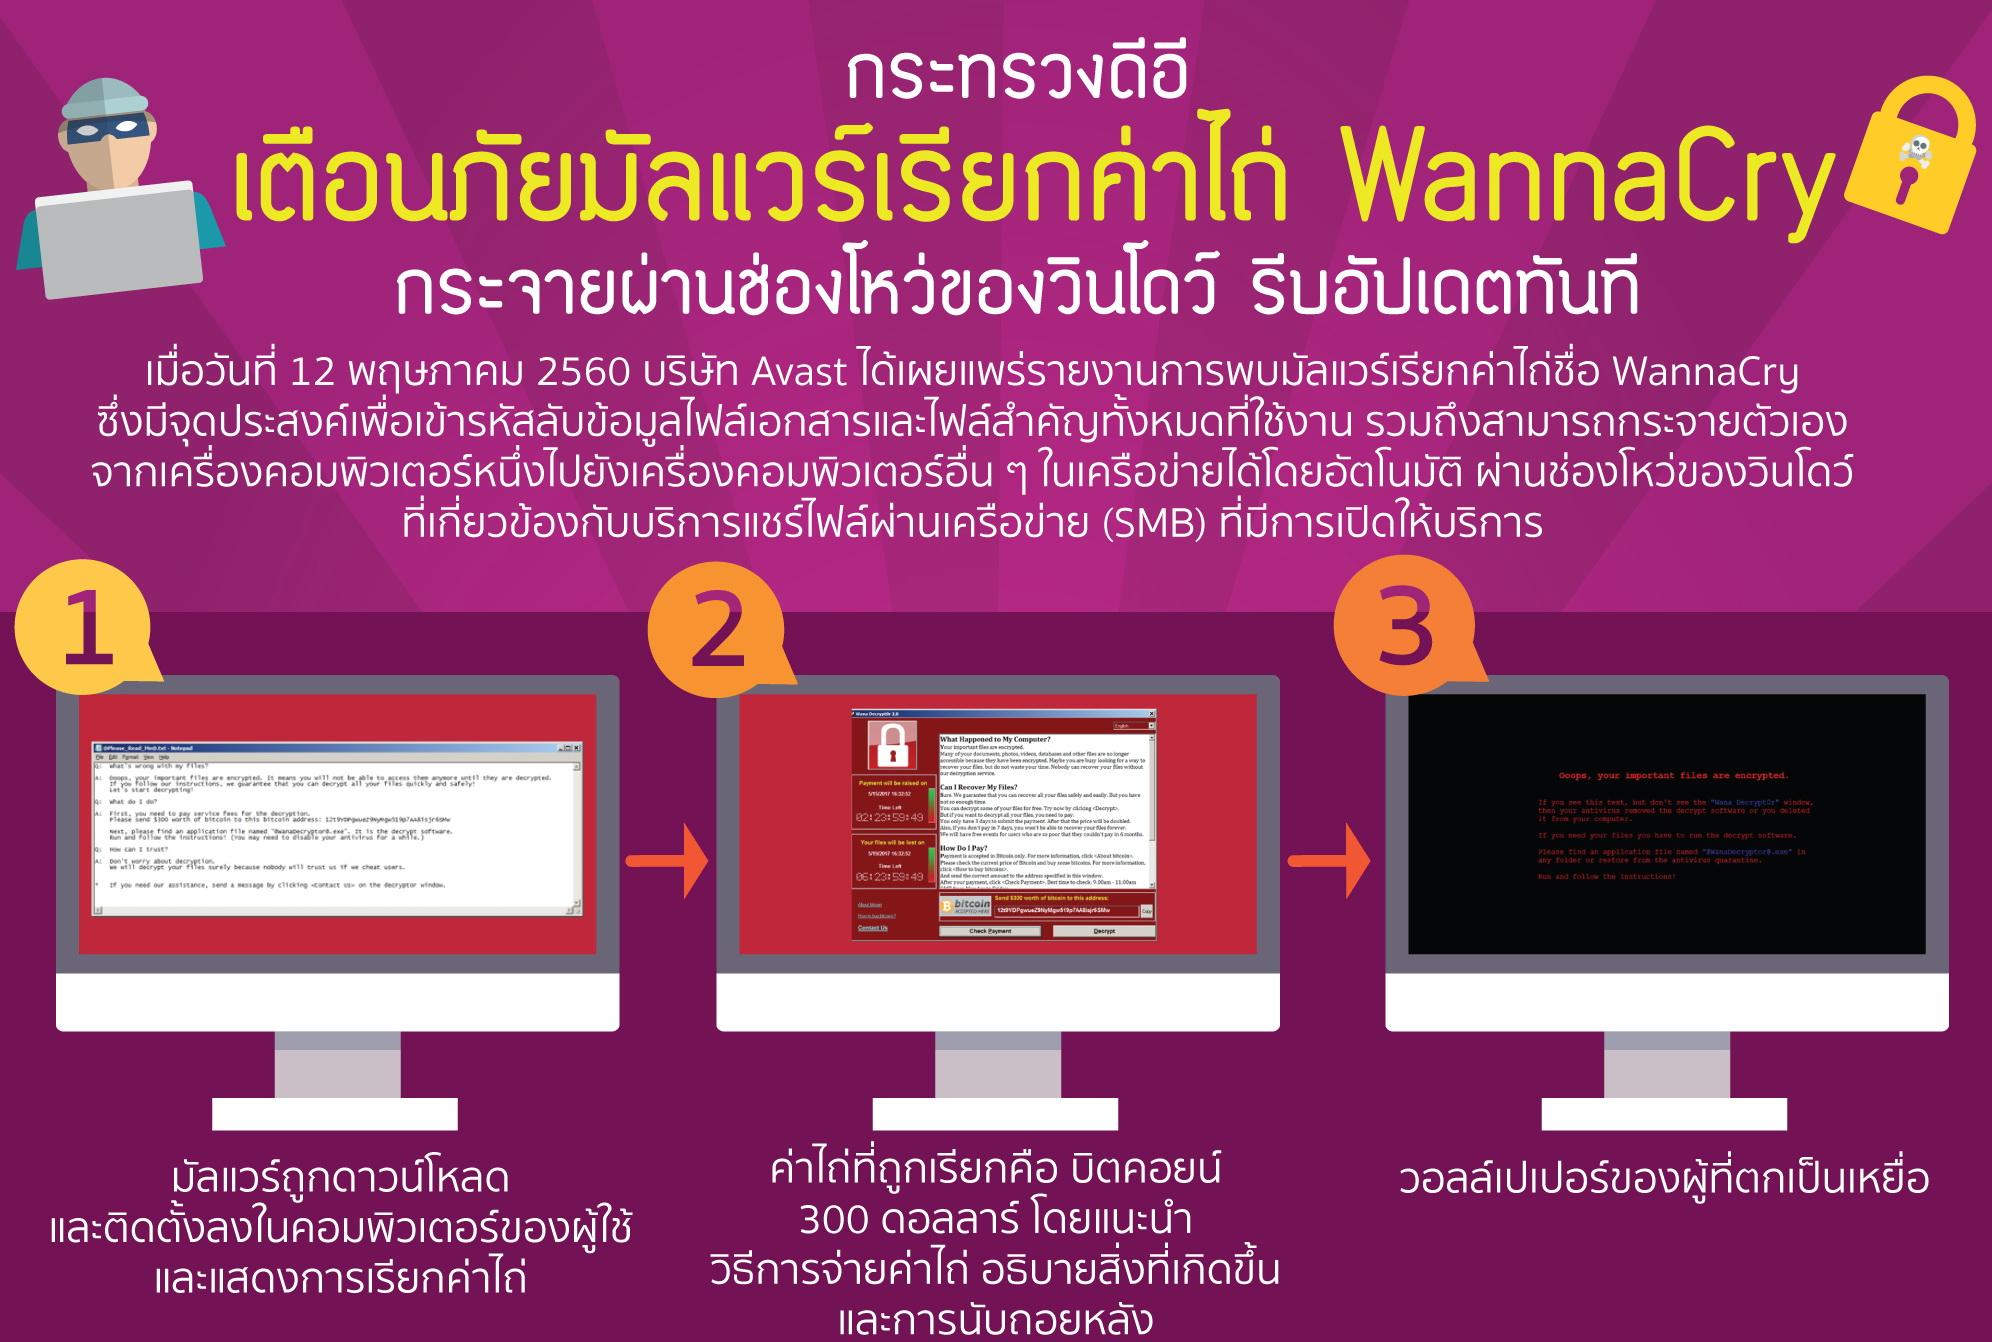 เตือนภัยมัลแวร์เรียกค่าไถ่ WannaCry และวิธีป้องกัน